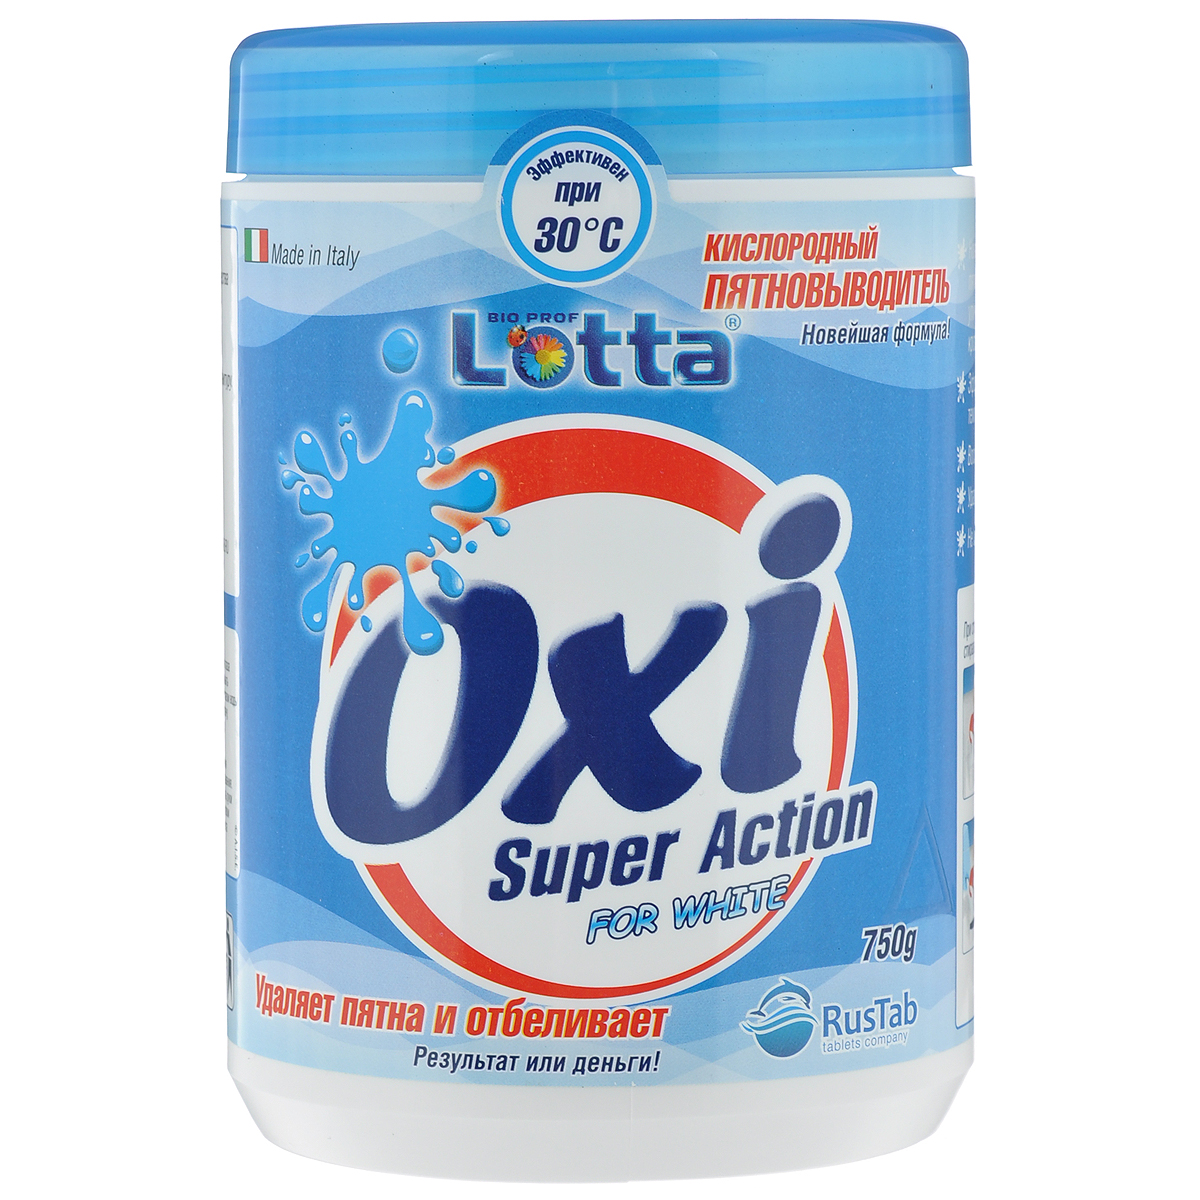 Пятновыводитель для белого белья Lotta Oxi, кислородный, 750 г тайфун пятновыводитель кислородный 270г